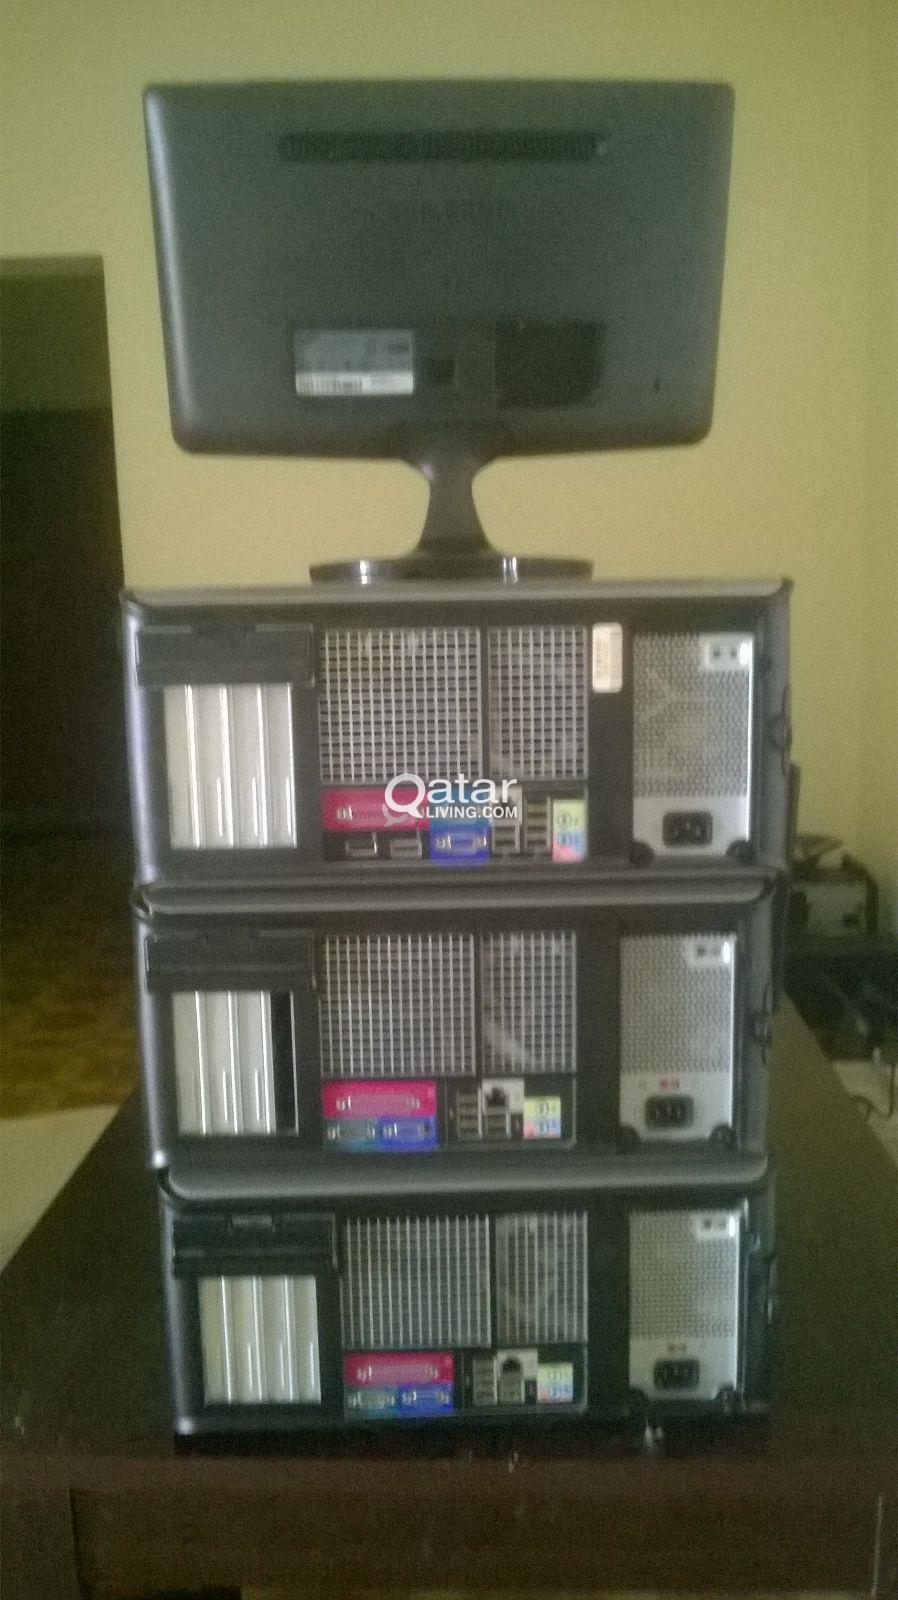 DELL OPTIPLEX 380 I 19 INCH LCD | Qatar Living